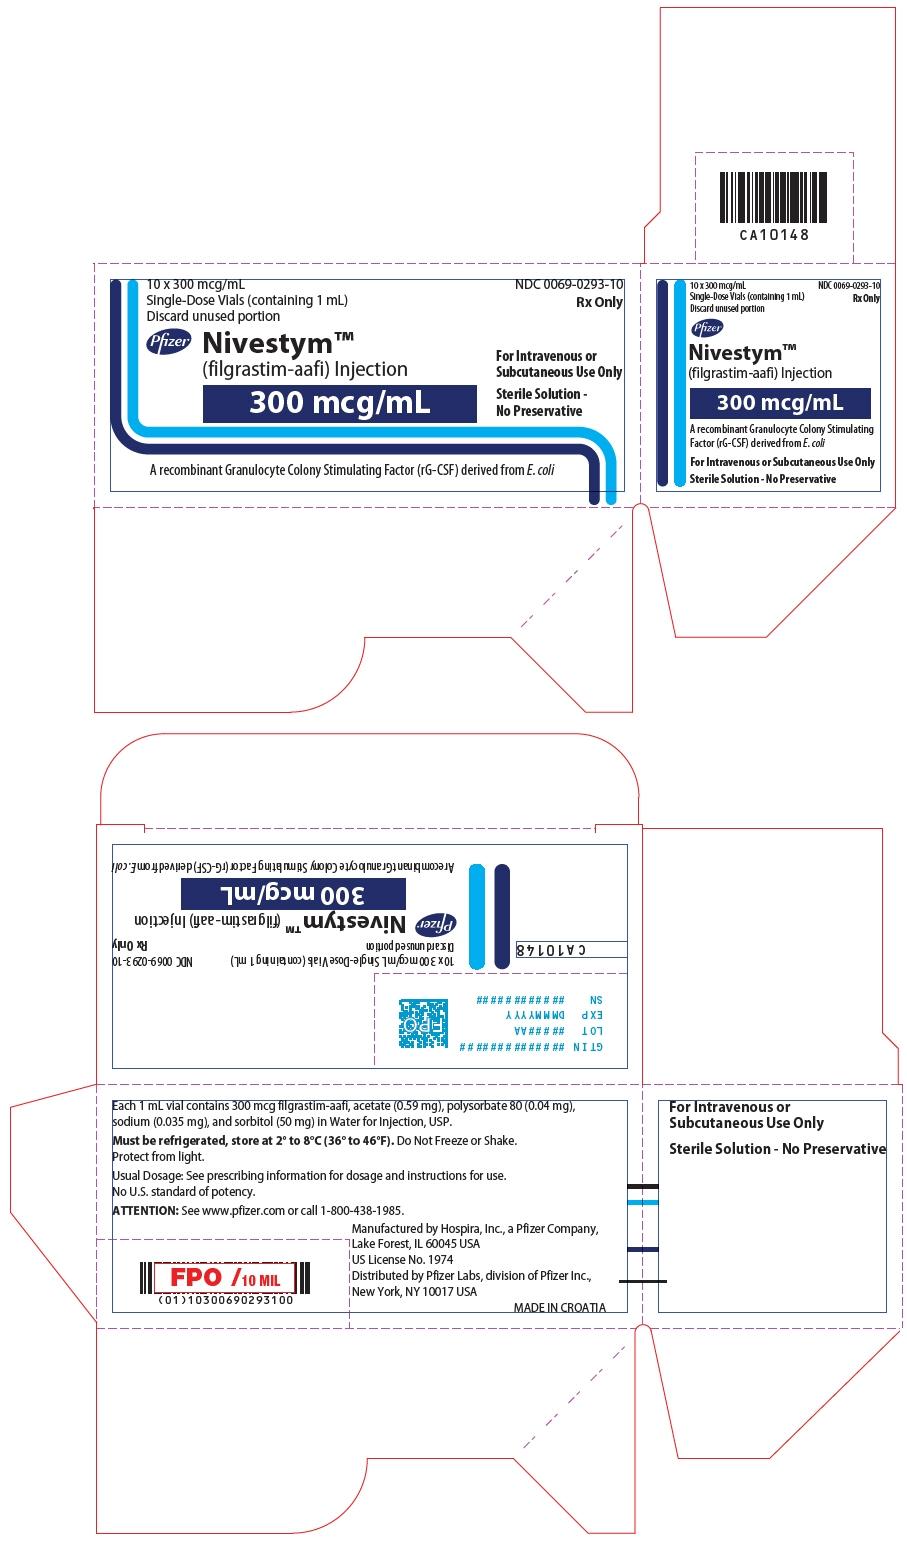 PRINCIPAL DISPLAY PANEL - 1 mL Vial Carton